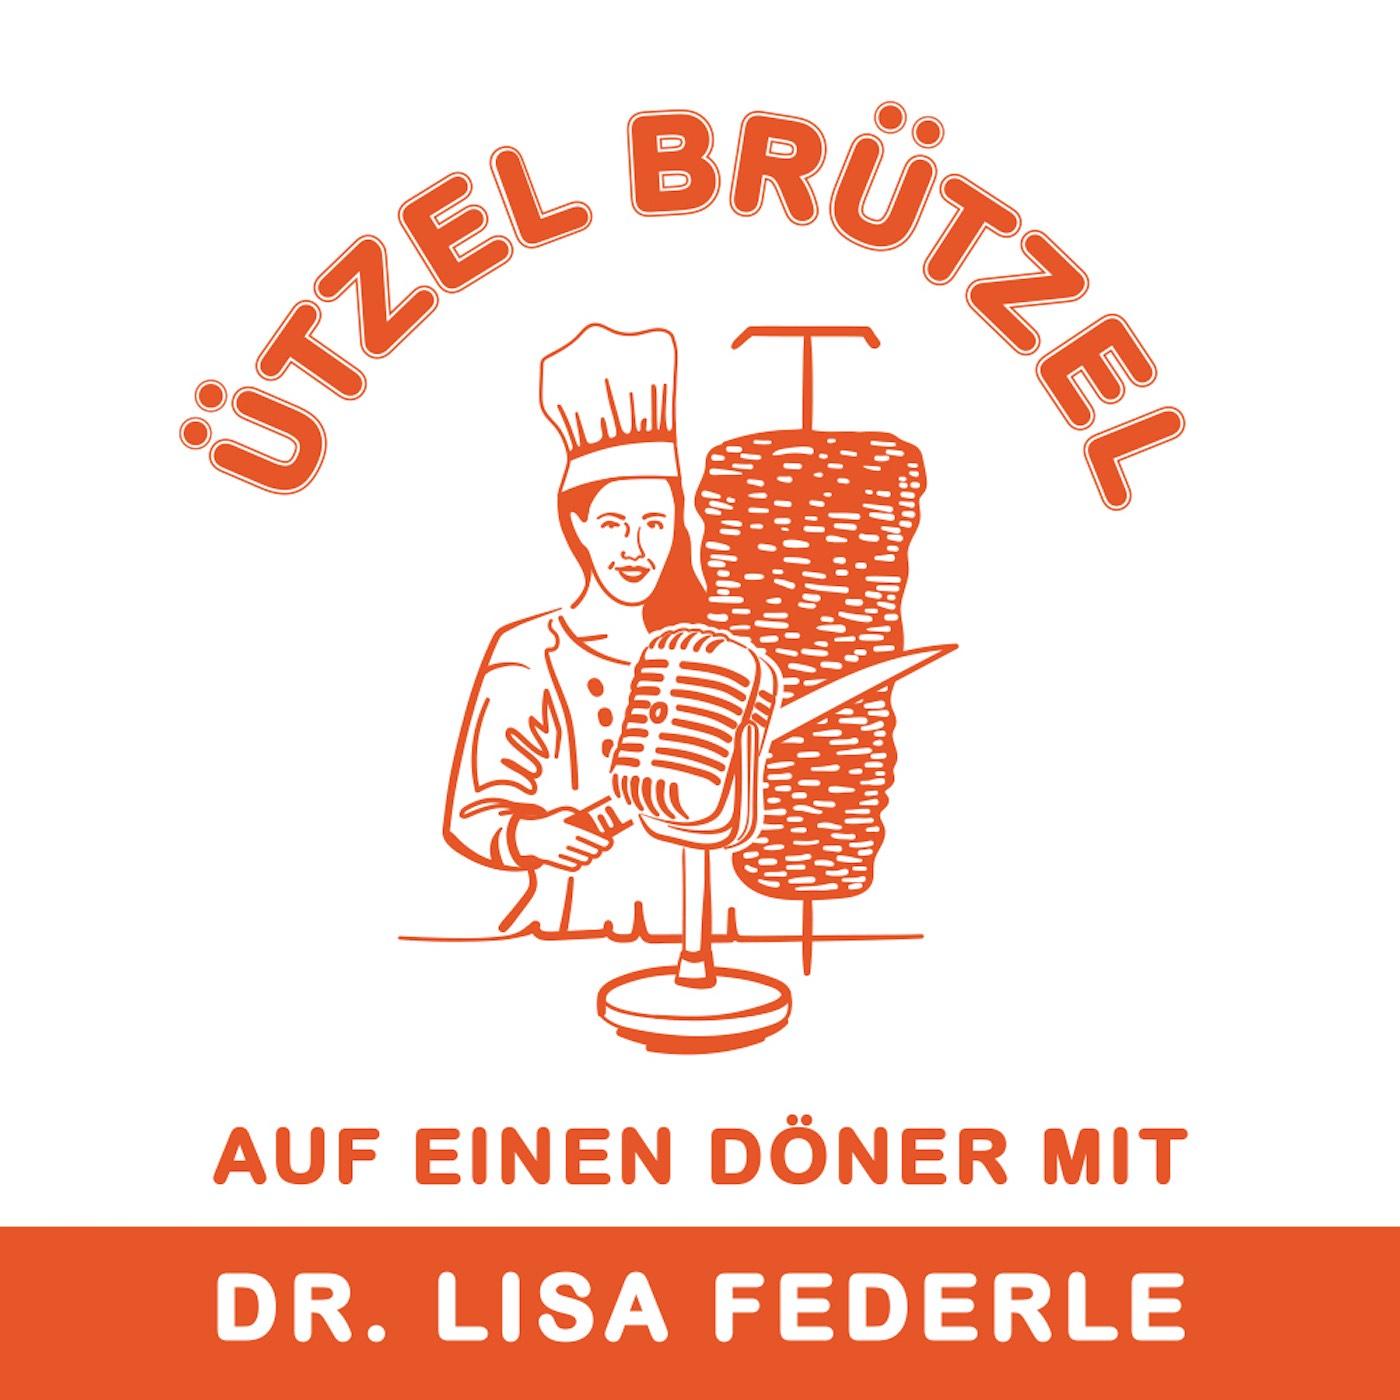 Auf einen Döner mit Dr. Lisa Federle